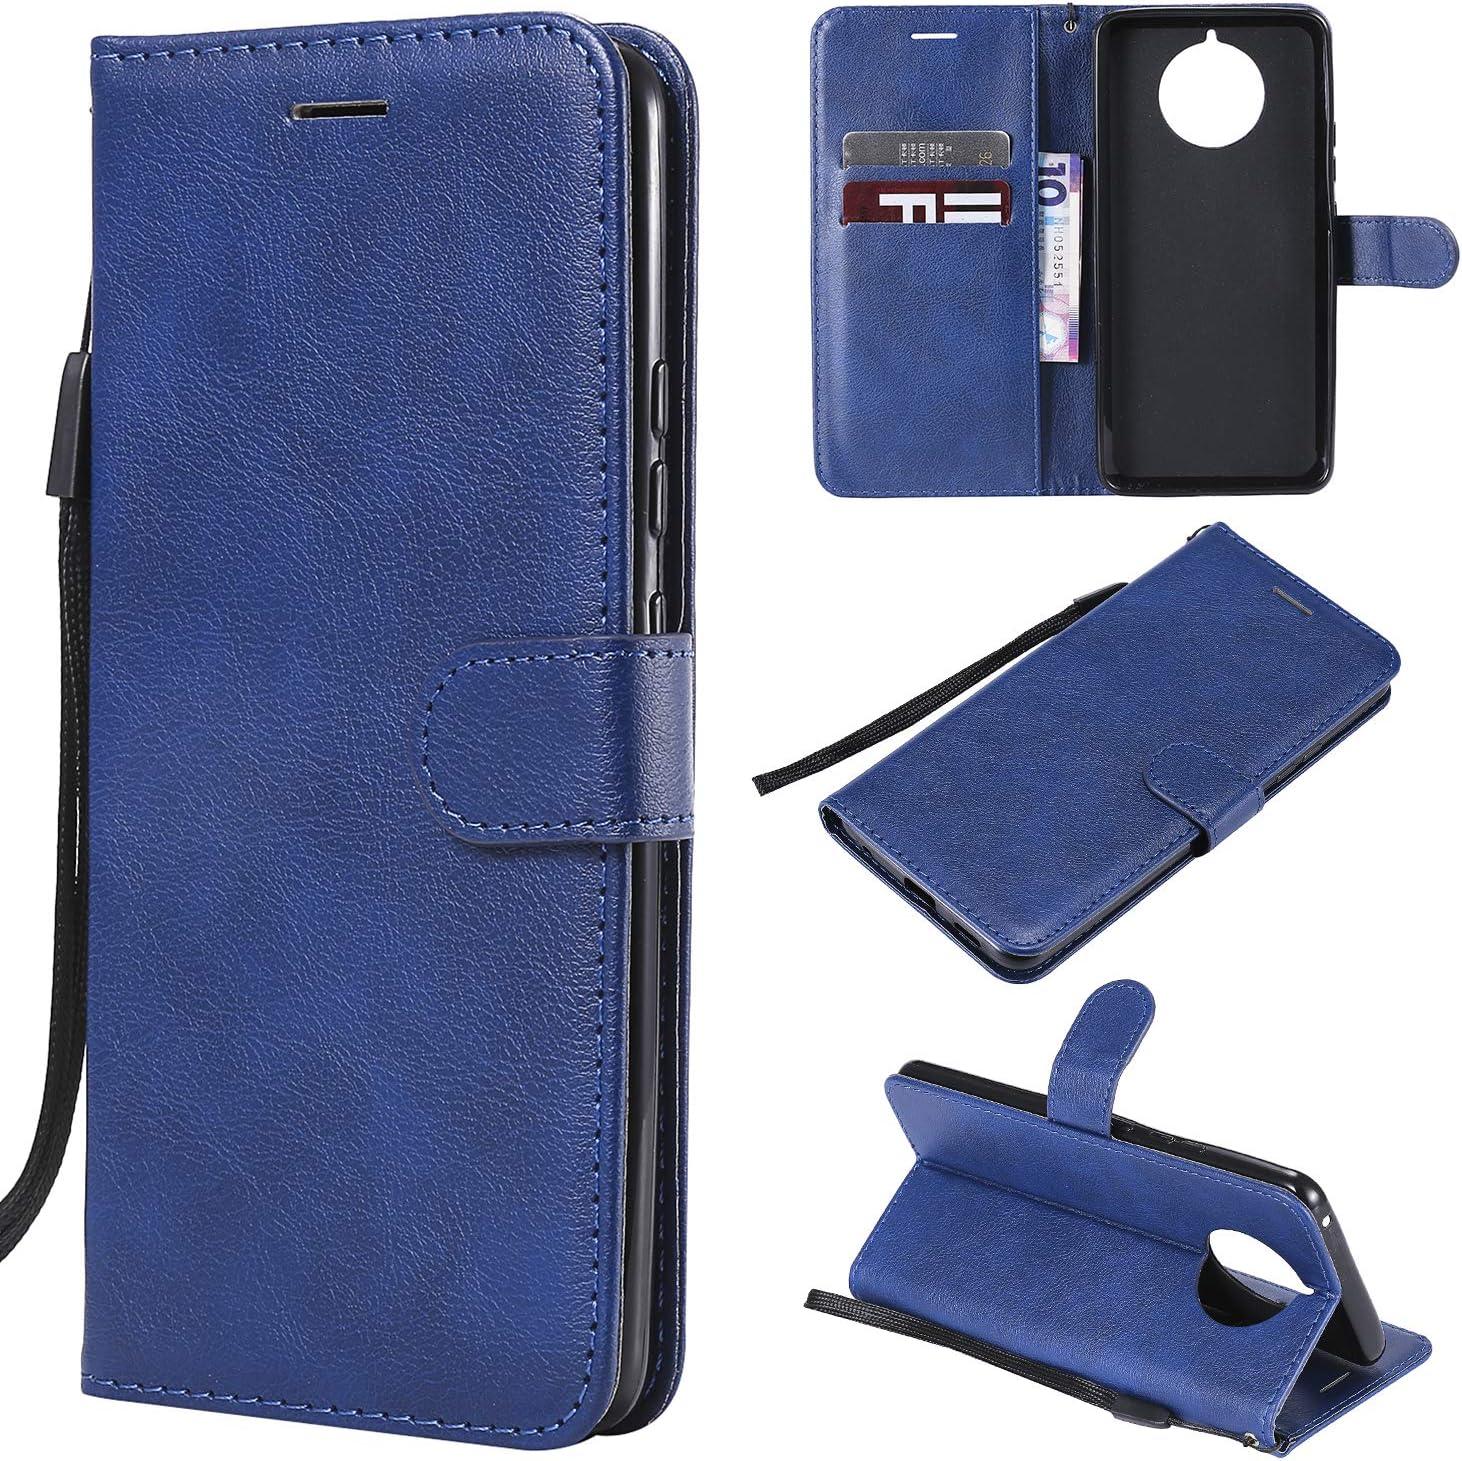 YYhin Cubierta para Funda Nokia 9 Pure View, Caja de Cuero del teléfono de la PU, Cubierta de la Cartera, Cubierta del Soporte del Caso del tirón(CS05-Azul): Amazon.es: Electrónica